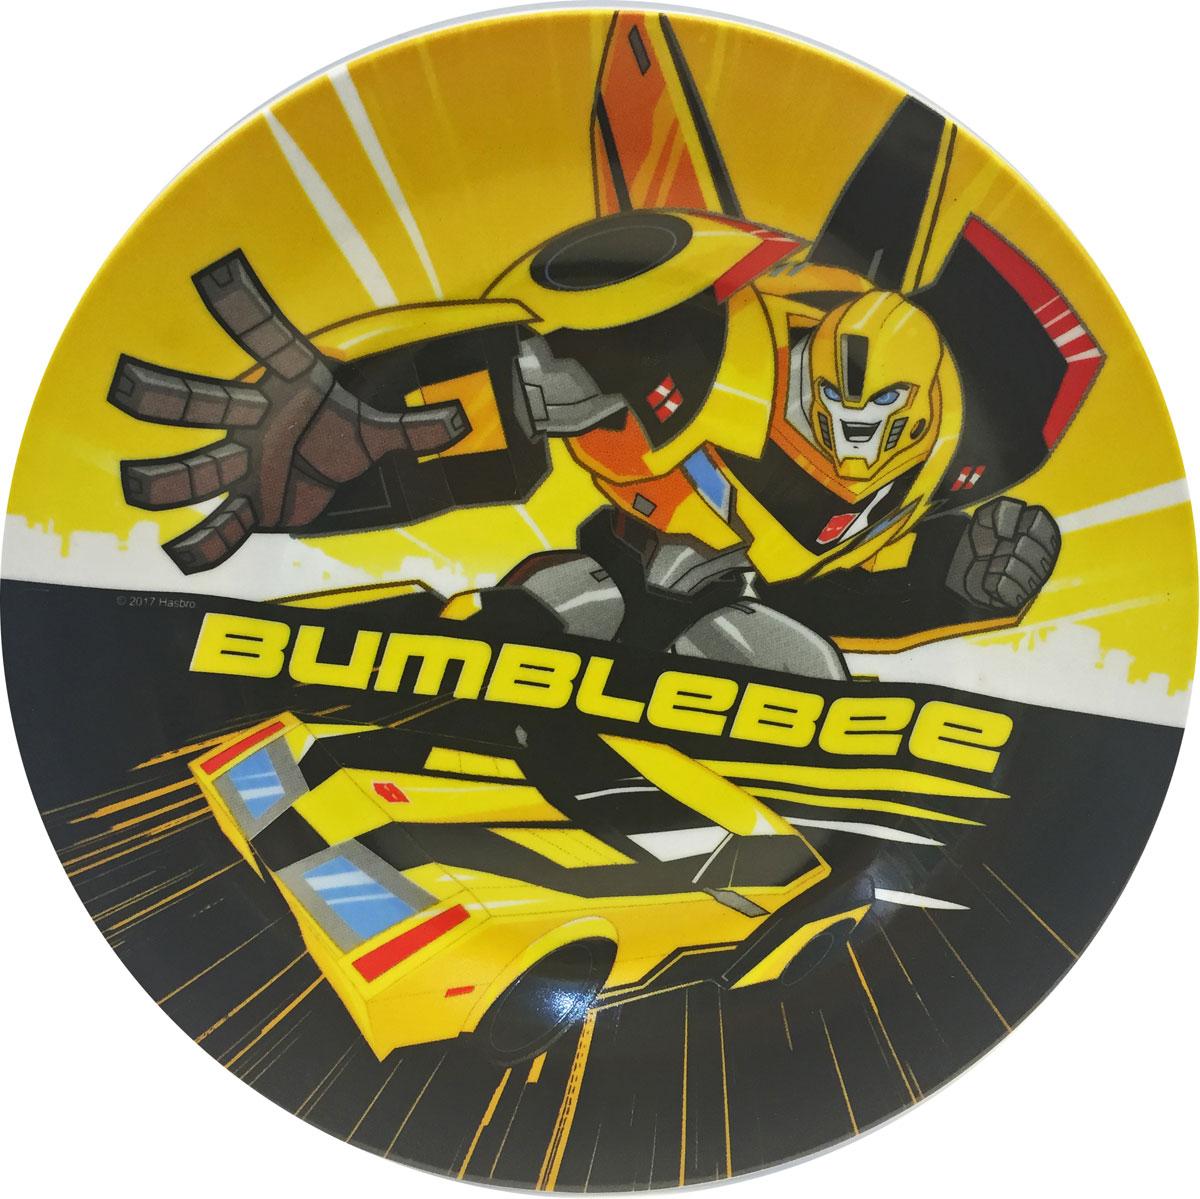 Transformers Тарелка детская Роботы под прикрытием диаметр 19 см hasbro transformers b0067 трансформеры роботы под прикрытием гиперчэндж в ассортименте